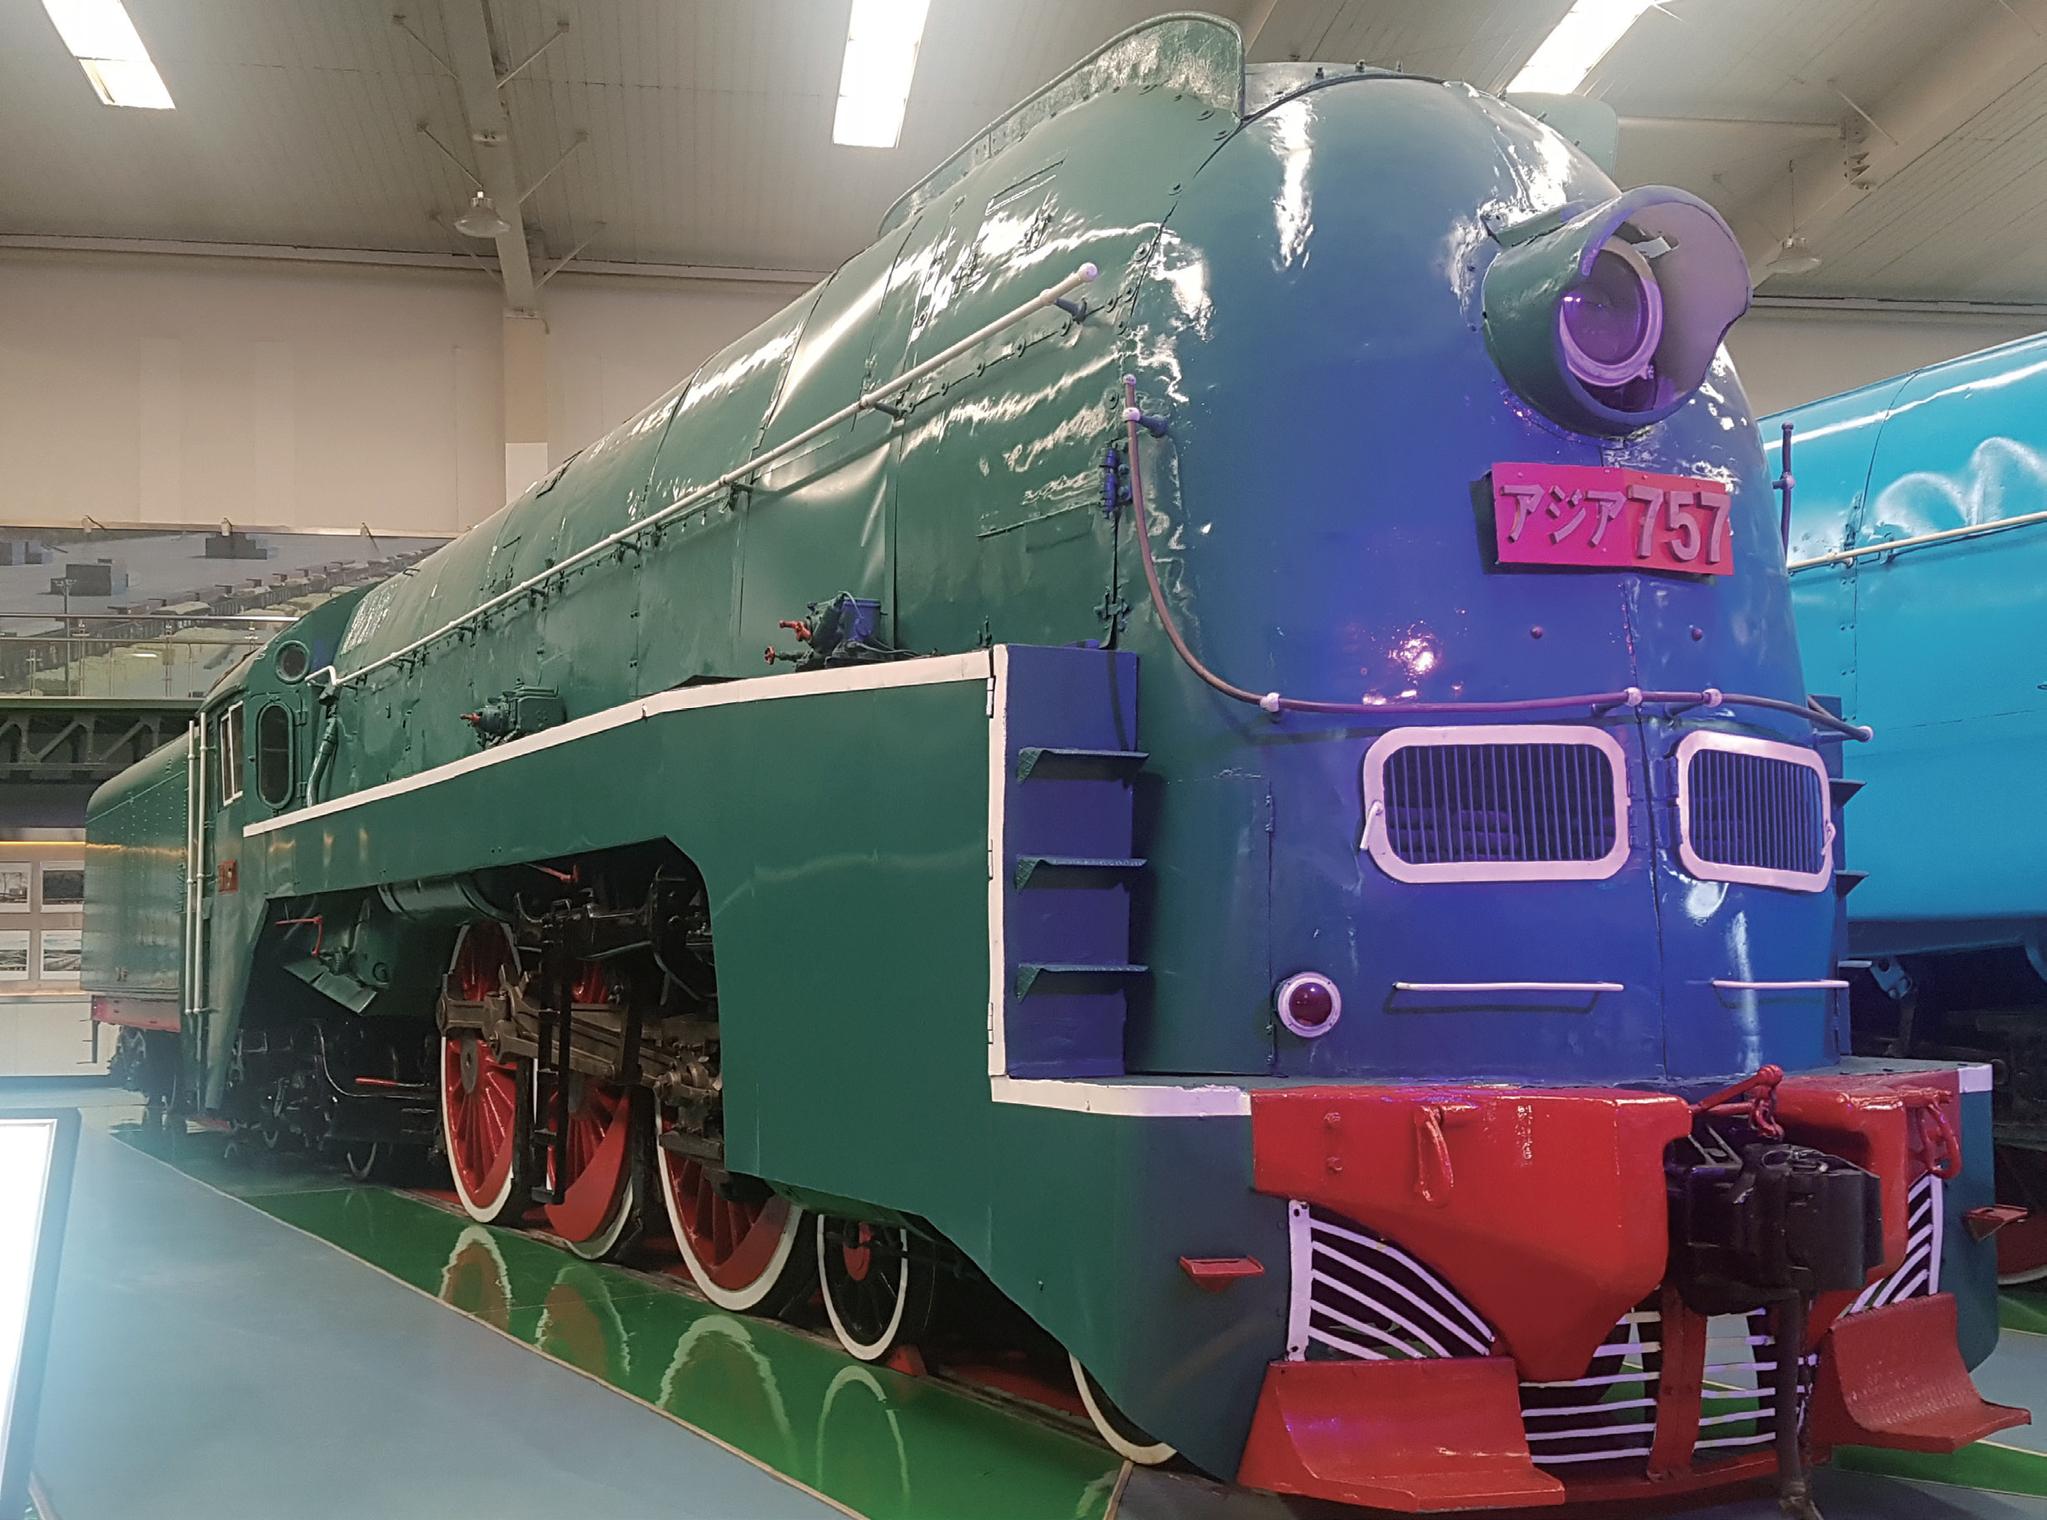 [강갑생의 바퀴와 날개] 창문 열고 무더위 견디던 열차...80여년전 에어컨과 첫 상봉